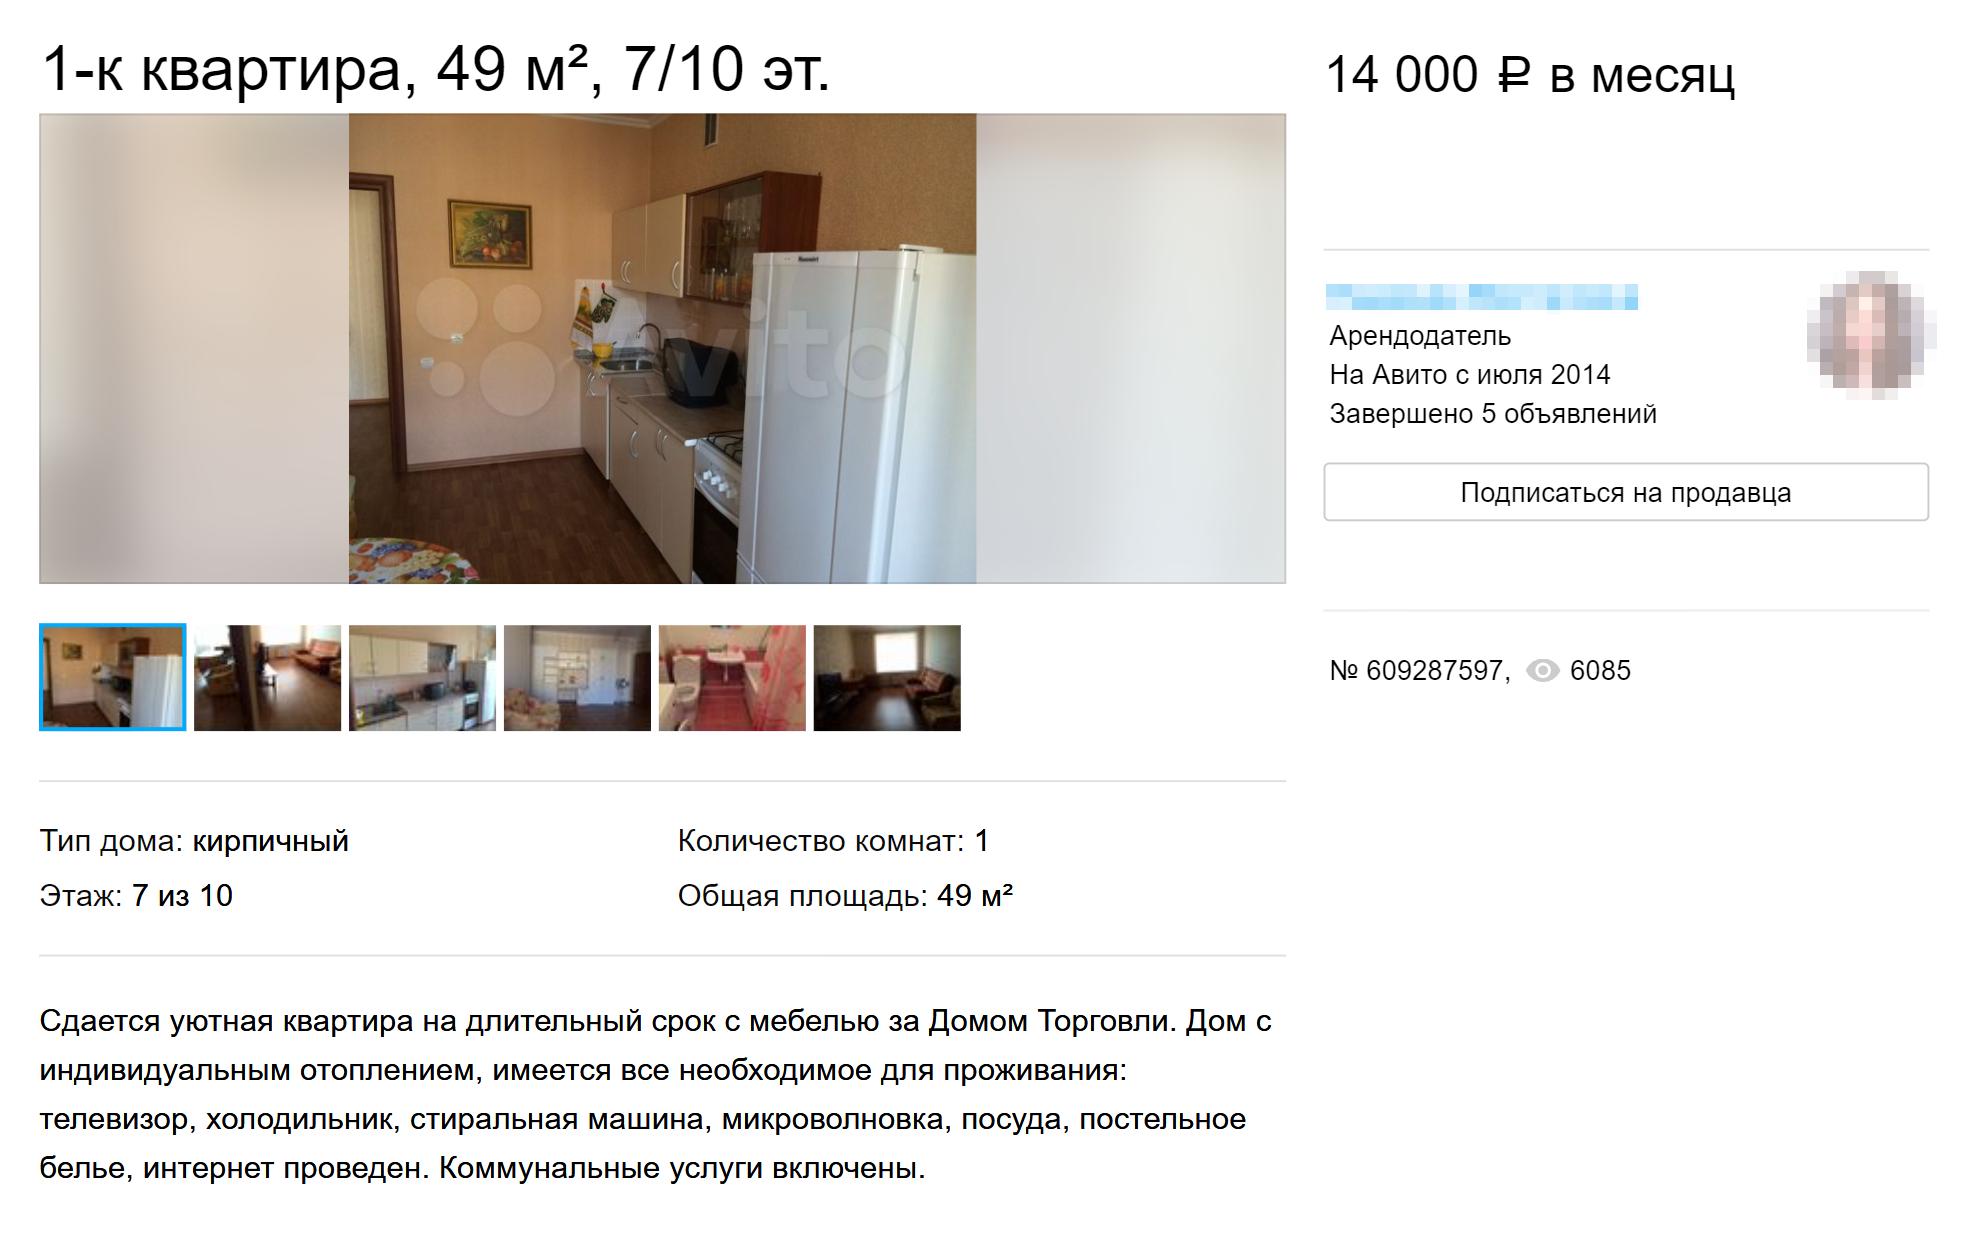 Однокомнатная квартира в&nbsp;хорошем районе с&nbsp;обычным ремонтом за&nbsp;14&nbsp;000&nbsp;<span class=ruble>Р</span> — типичный вариант аренды